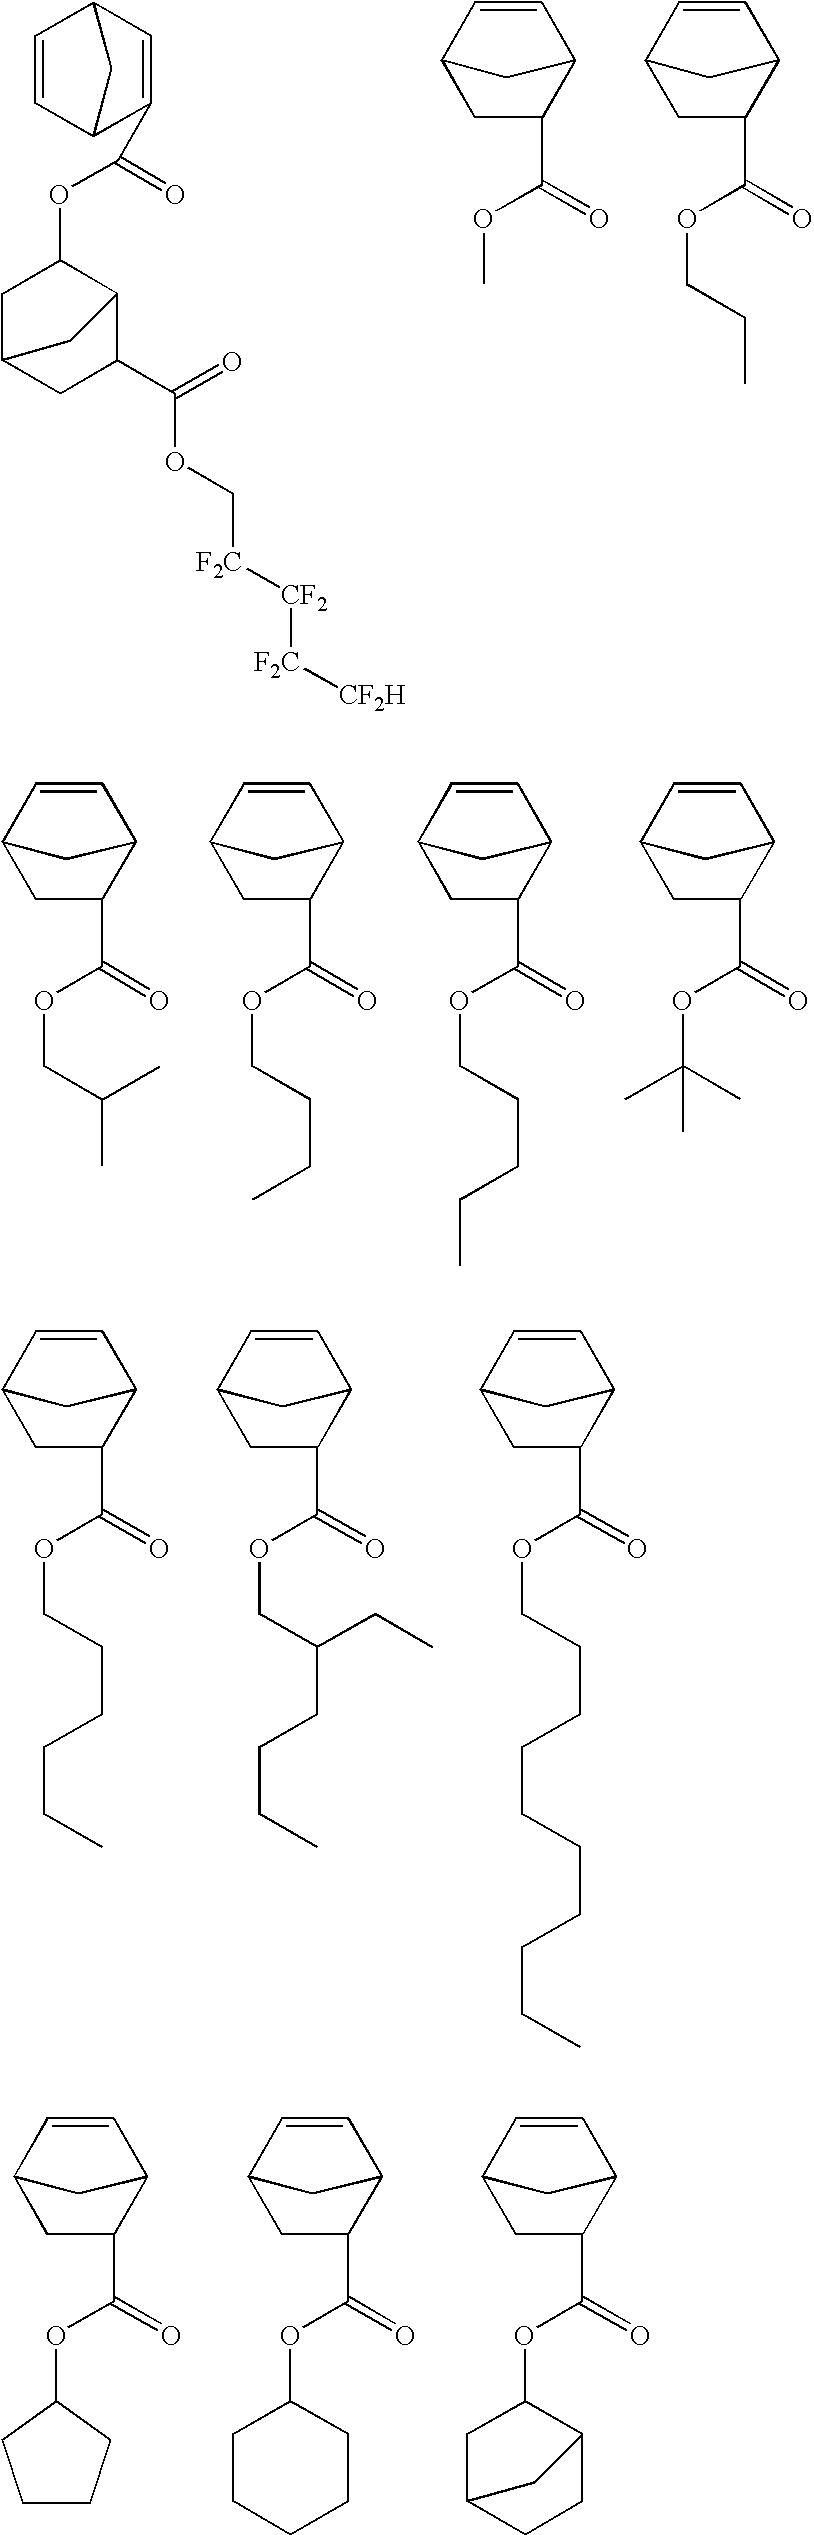 Figure US20090011365A1-20090108-C00097